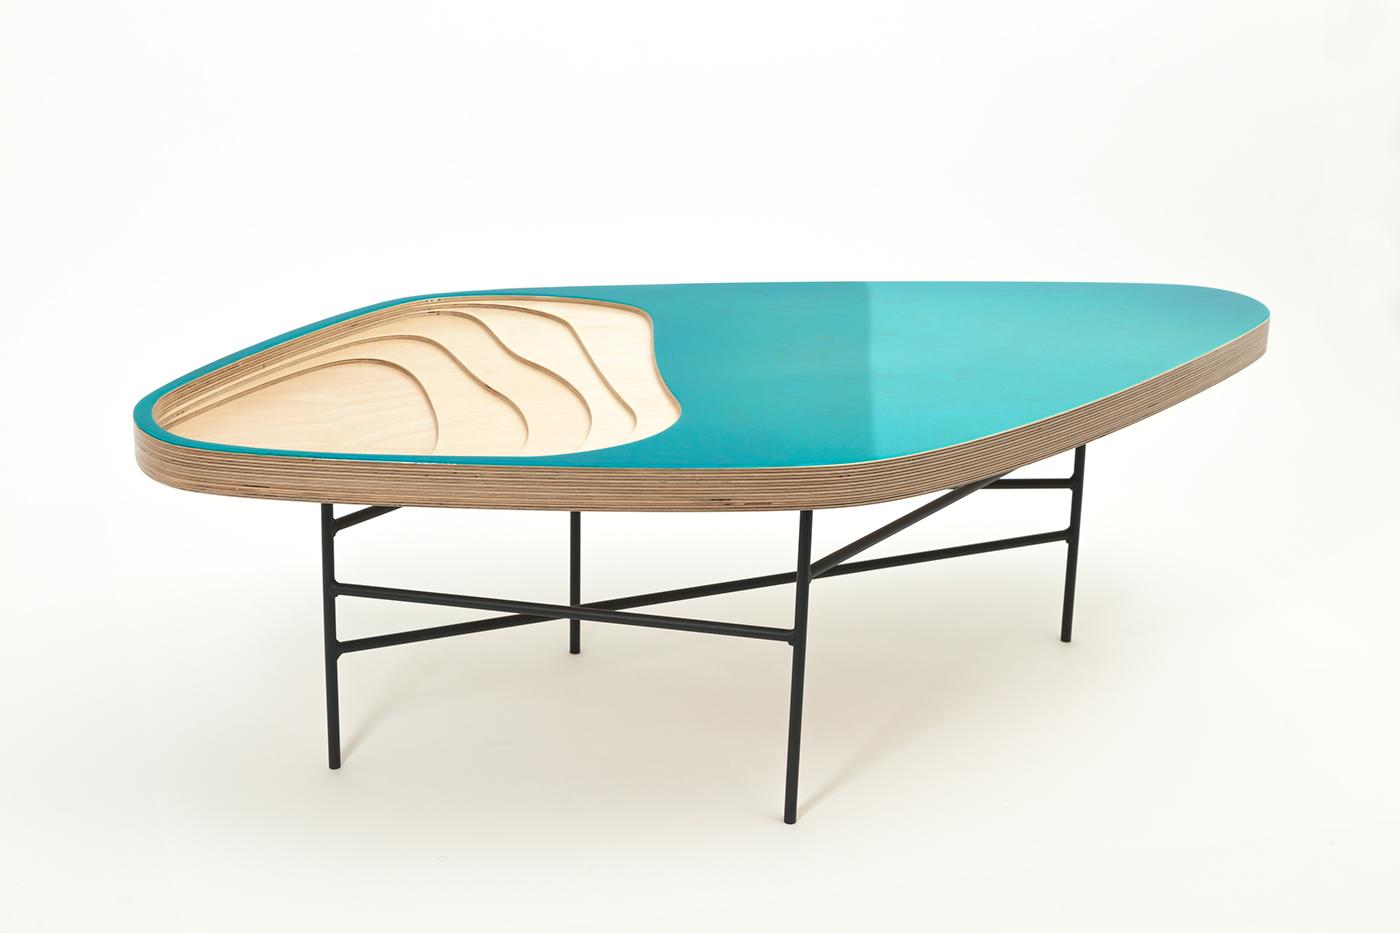 Table basse fidji 322 on behance - Que mettre sur une table basse ...